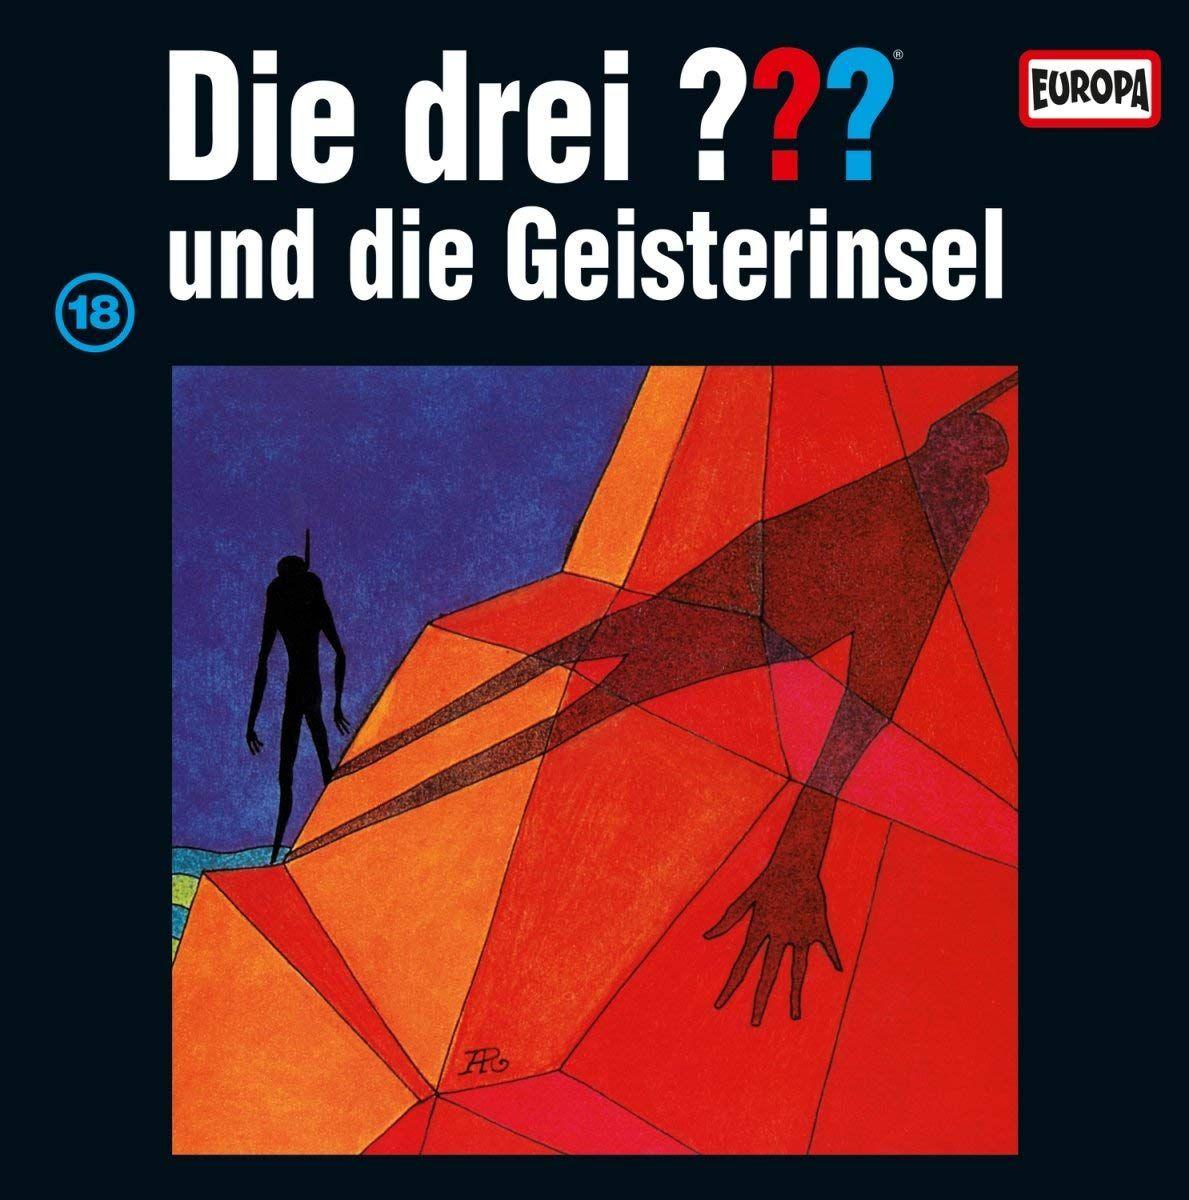 Die Drei ??? und die Geisterinsel - limitierte Picture Vinyl - Amazon Prime - 13,97€